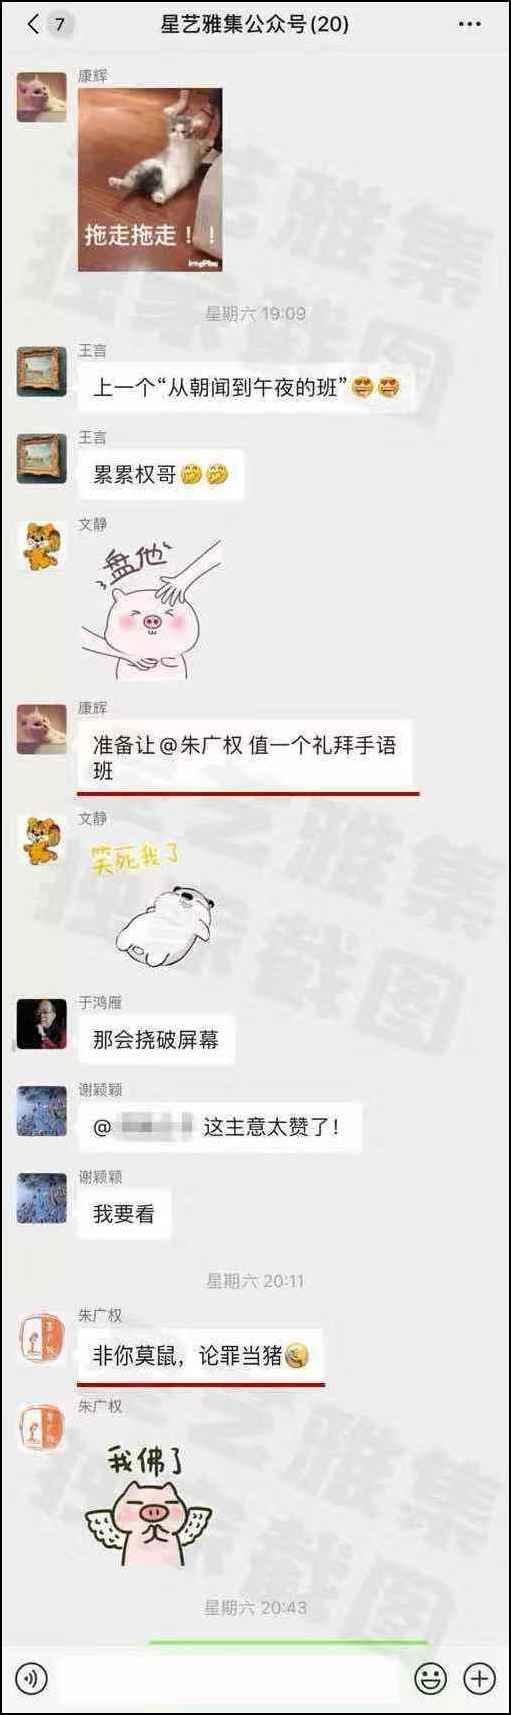 通博老虎机娱乐平台首页·漫威英雄大改造!视觉效果太炸裂了!